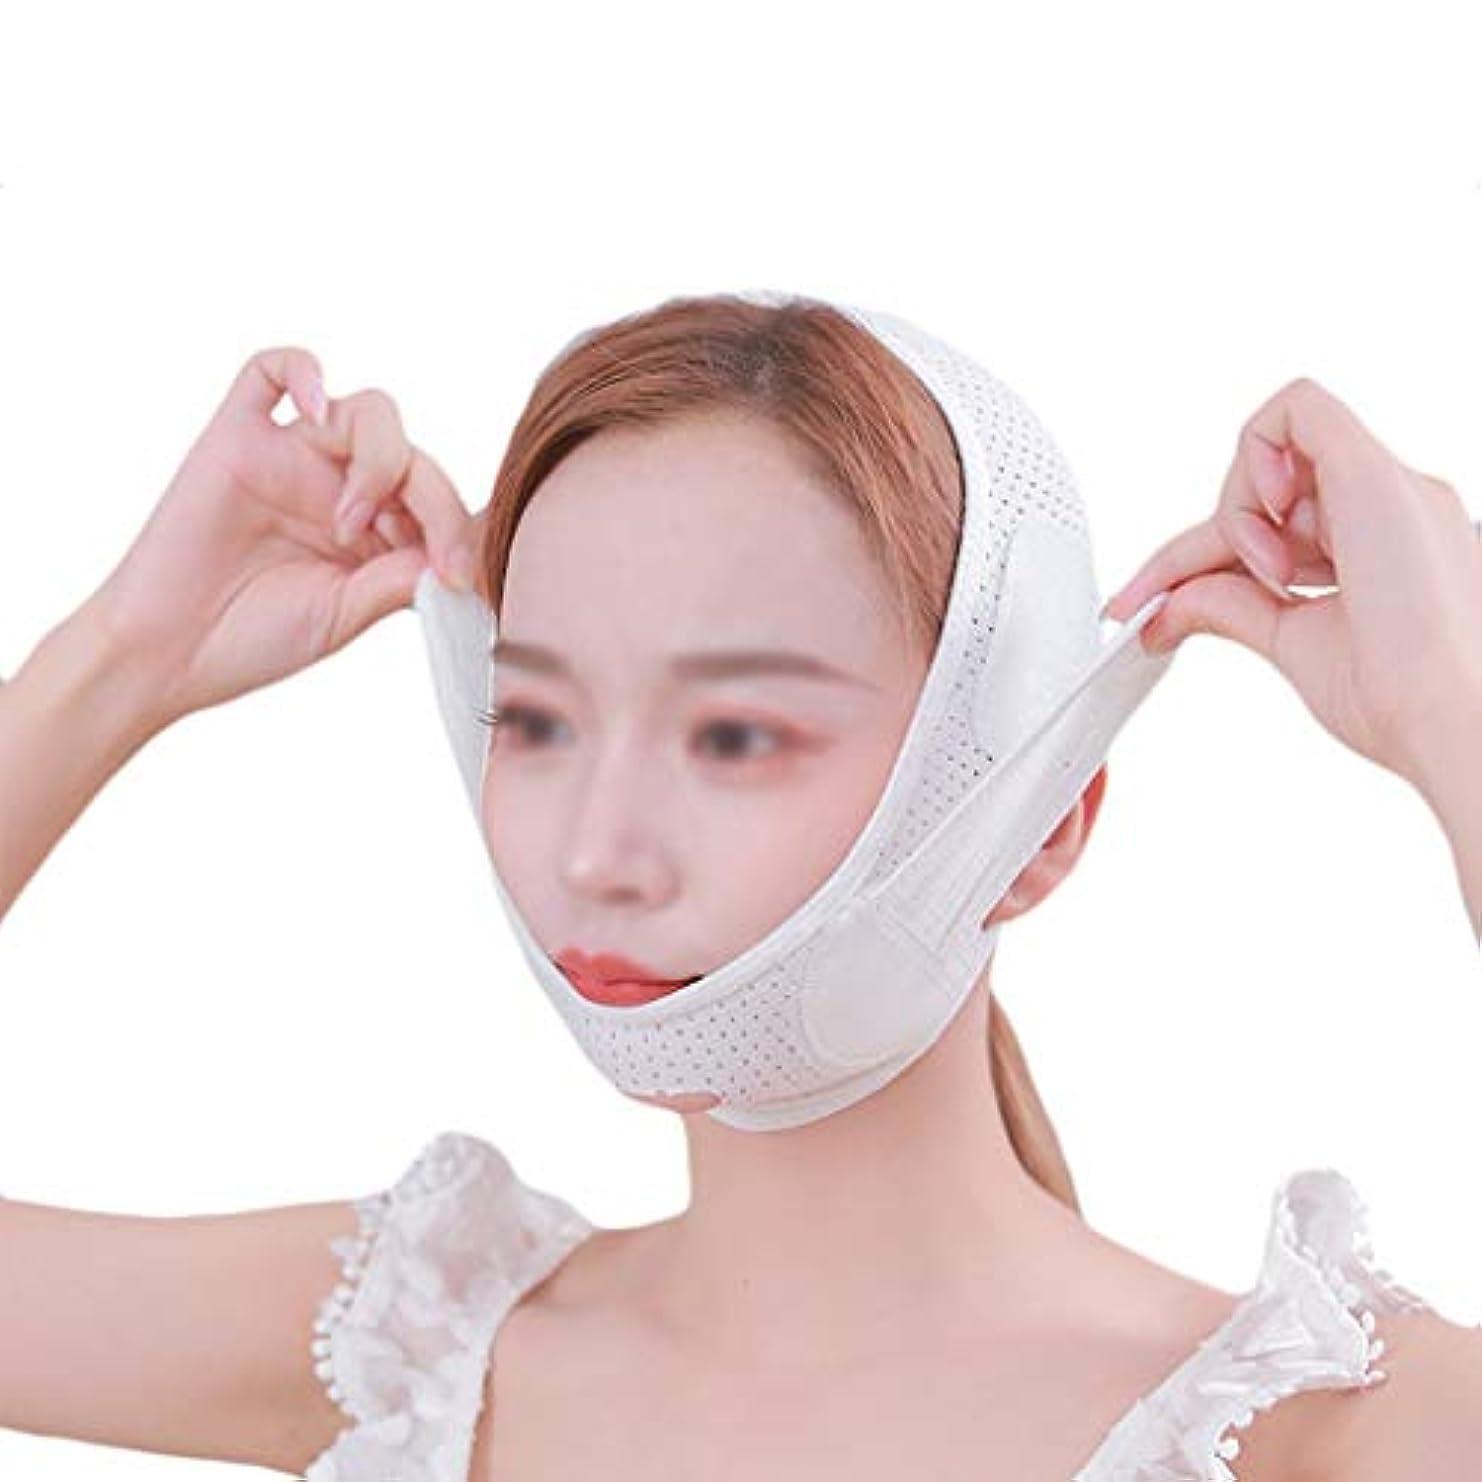 内部ジャベスウィルソン脚フェイシャルリフティング包帯、頬痩身マスク包帯、フェイスリフティングファーミングフェイスリフティング、リフティングダブルチンフェイシャルマスク(ホワイト、フリーサイズ)